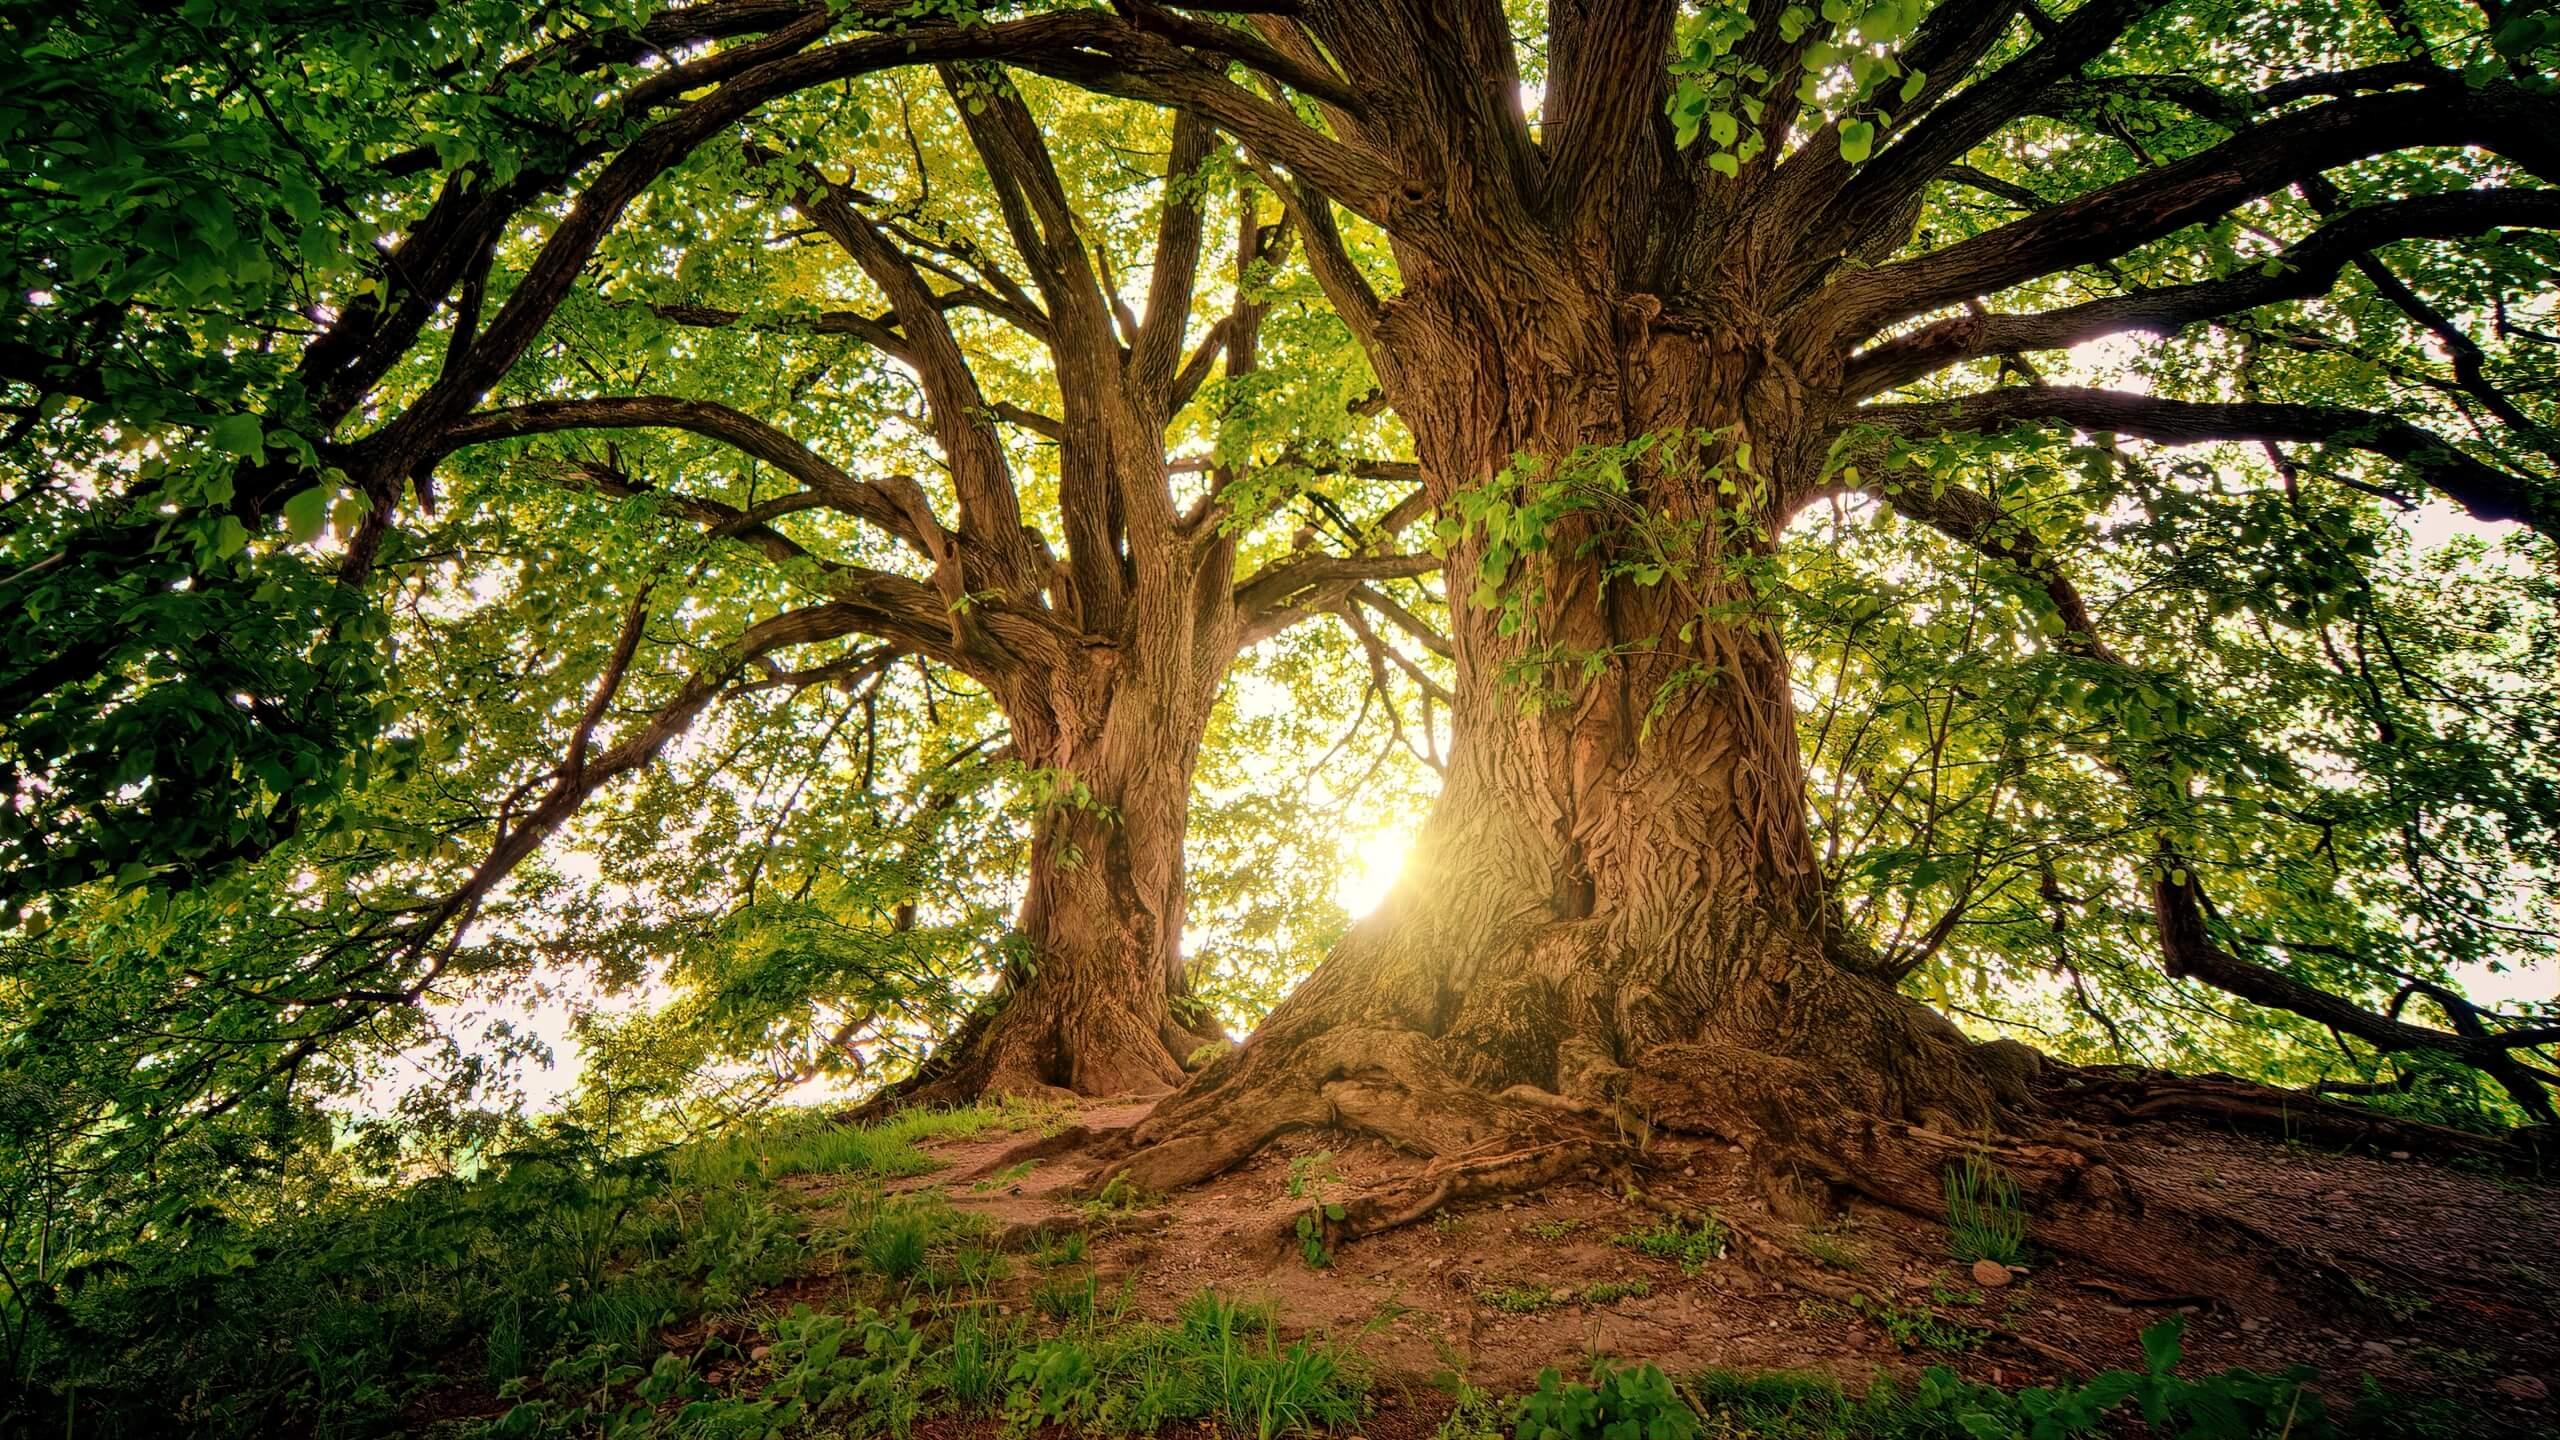 夏の木漏れ日と木